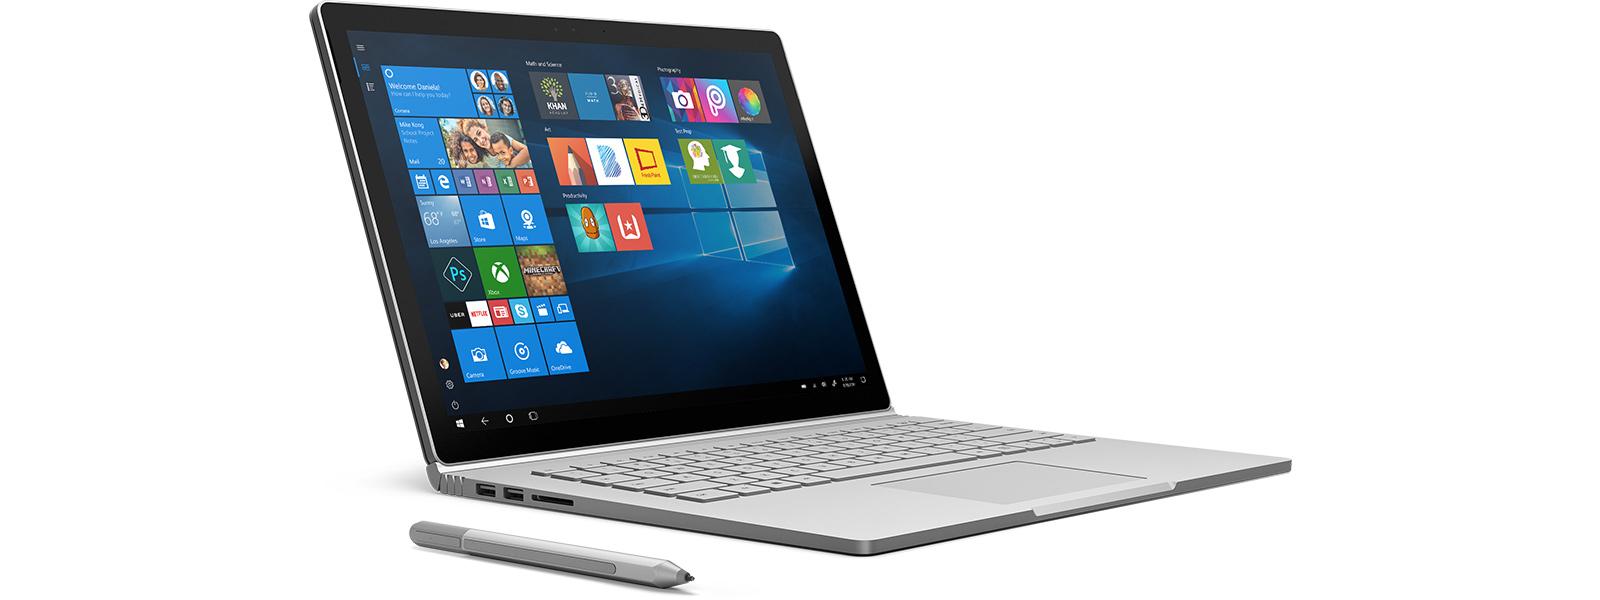 Urządzenie zsystemem Windows10 zaplikacjami na ekranie startowym.